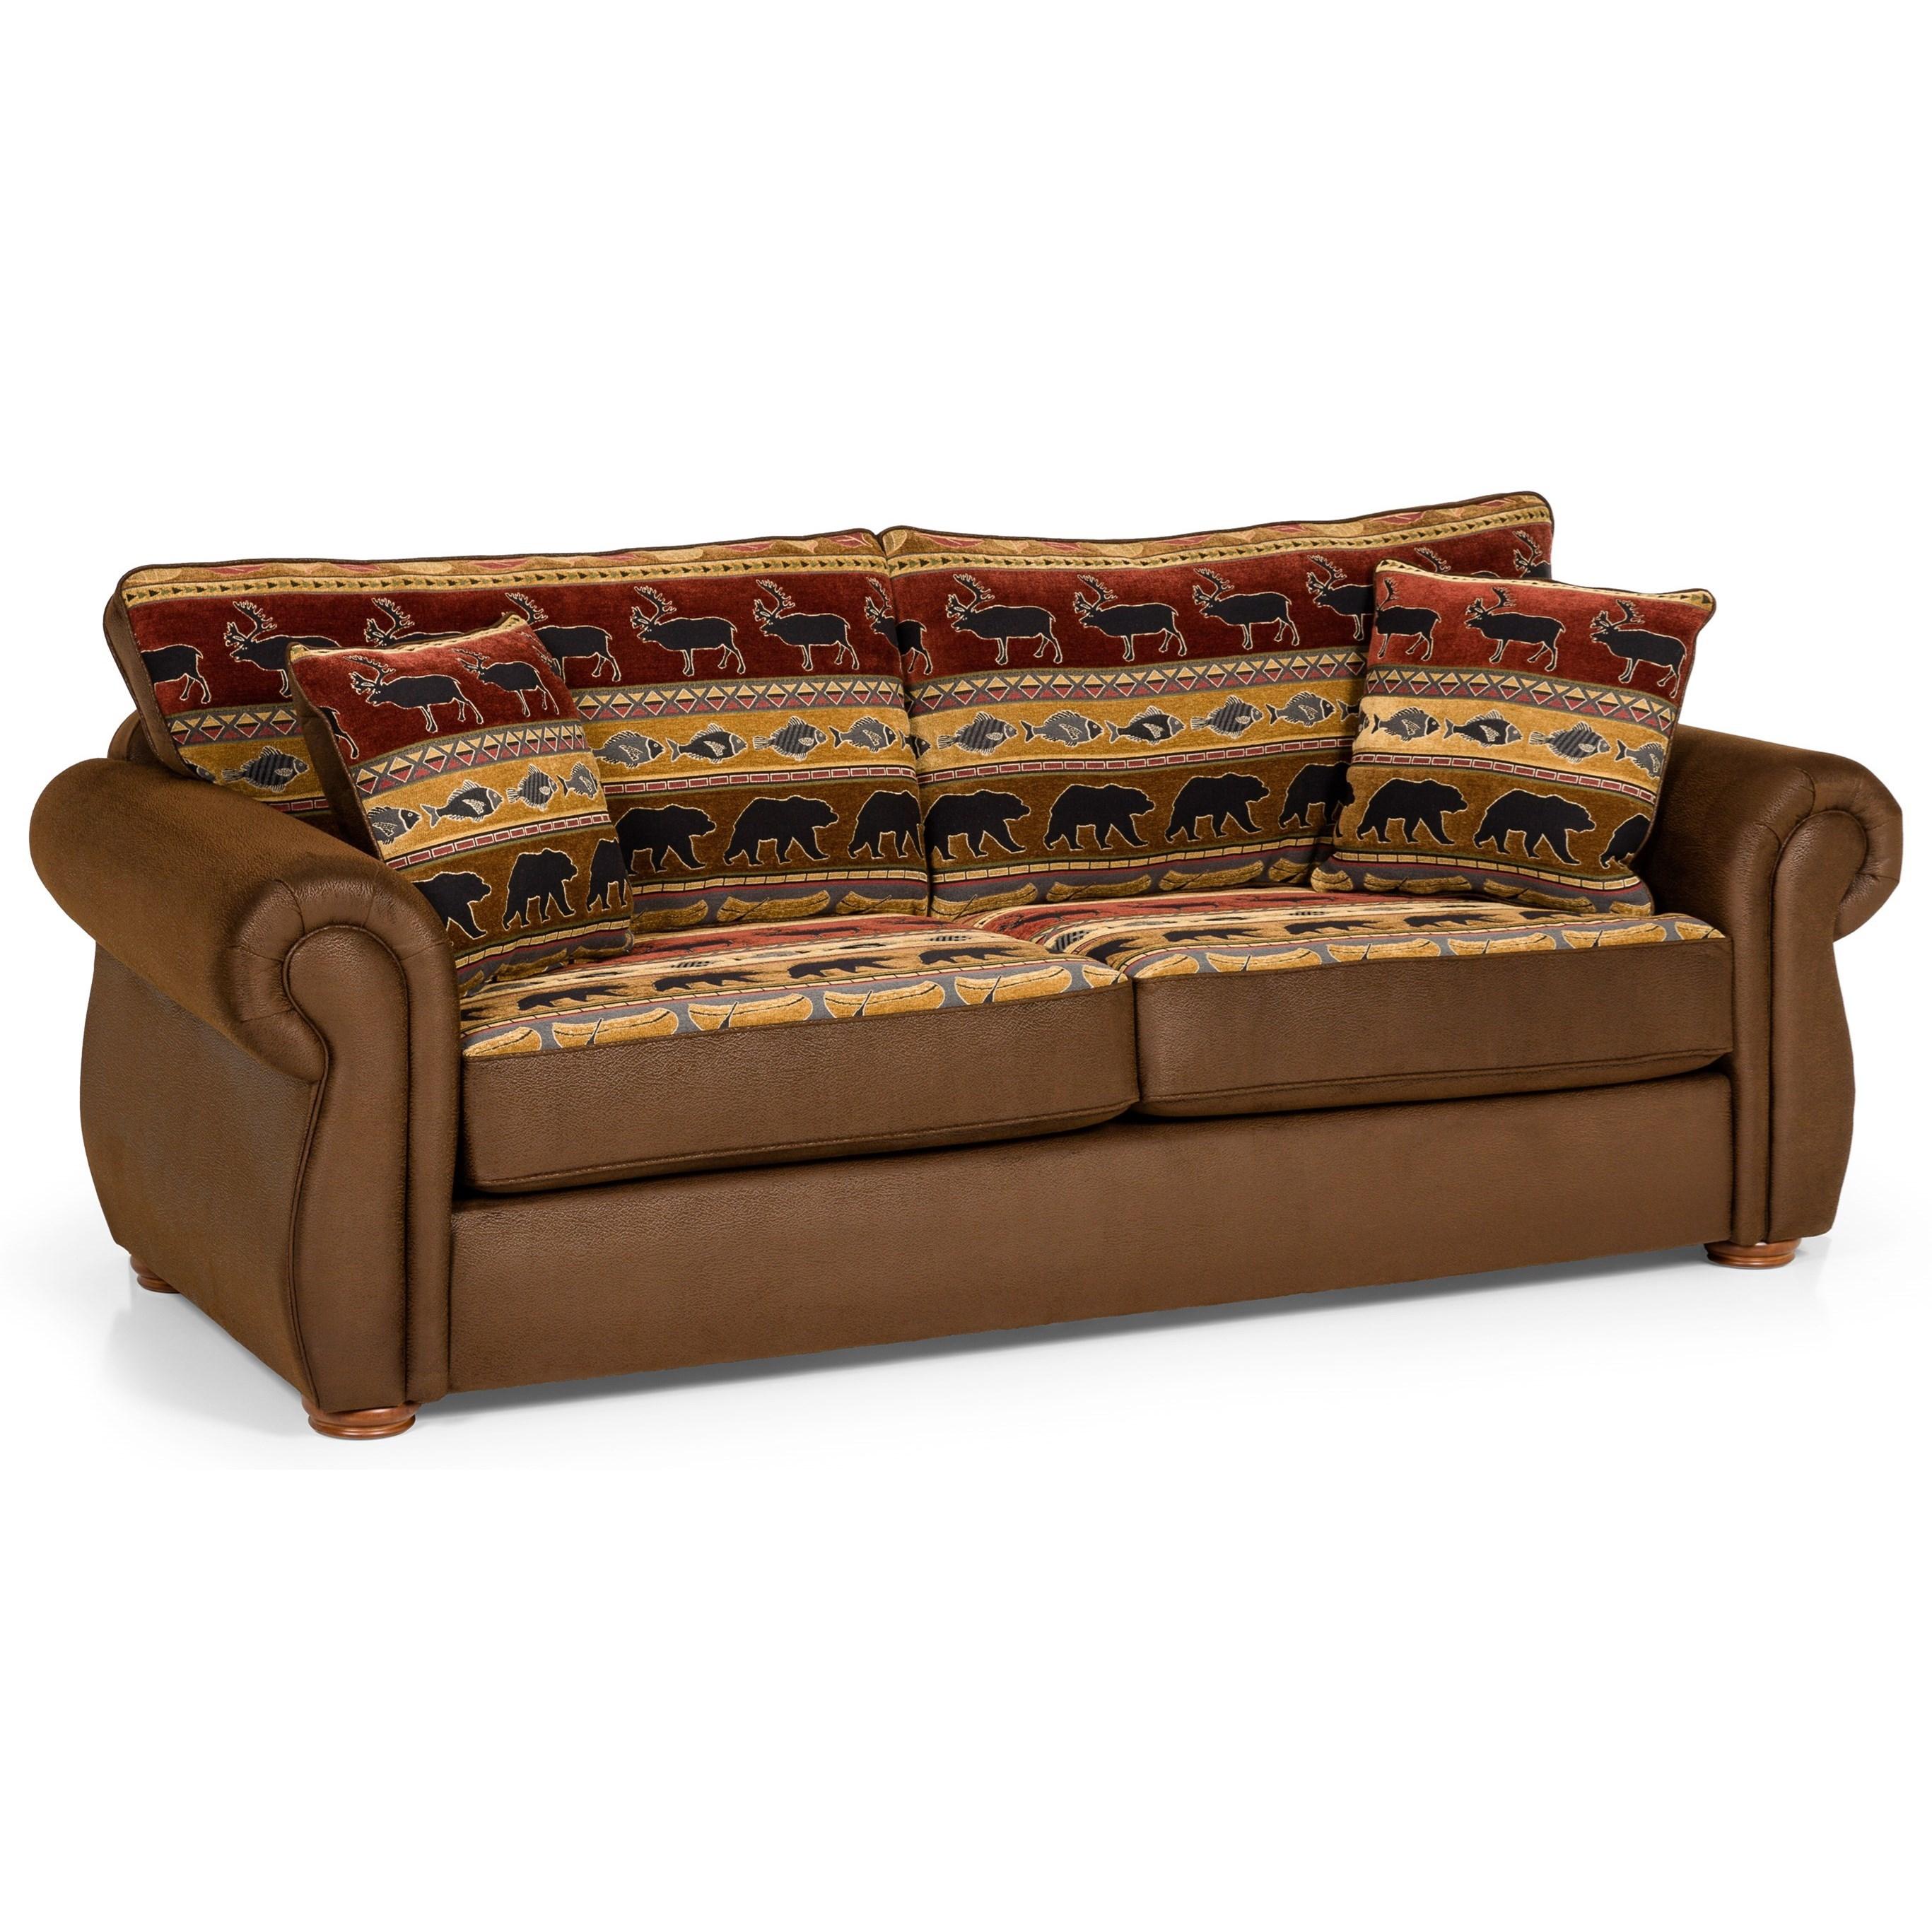 Stanton 331 Sofa - Item Number: 331-01